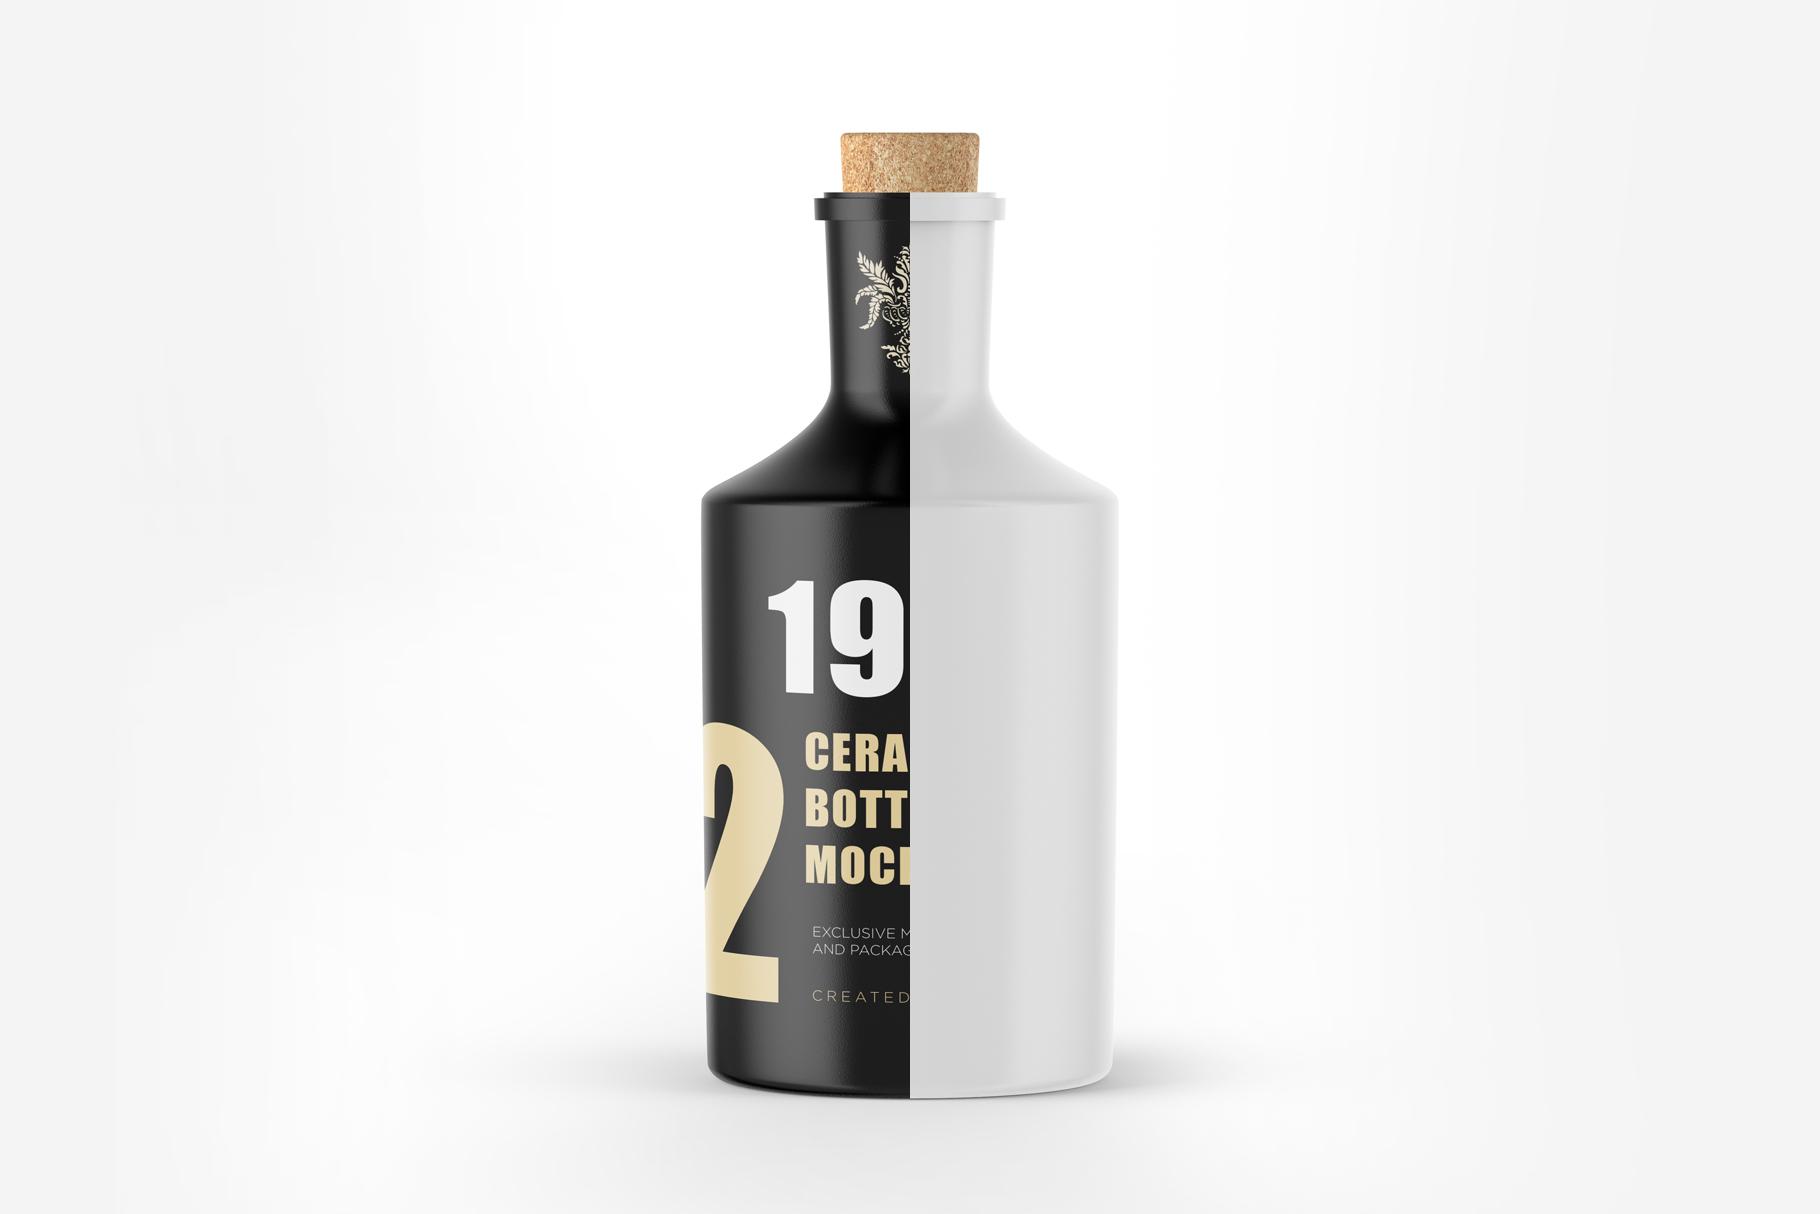 Ceramic Bottle Mockup example image 4